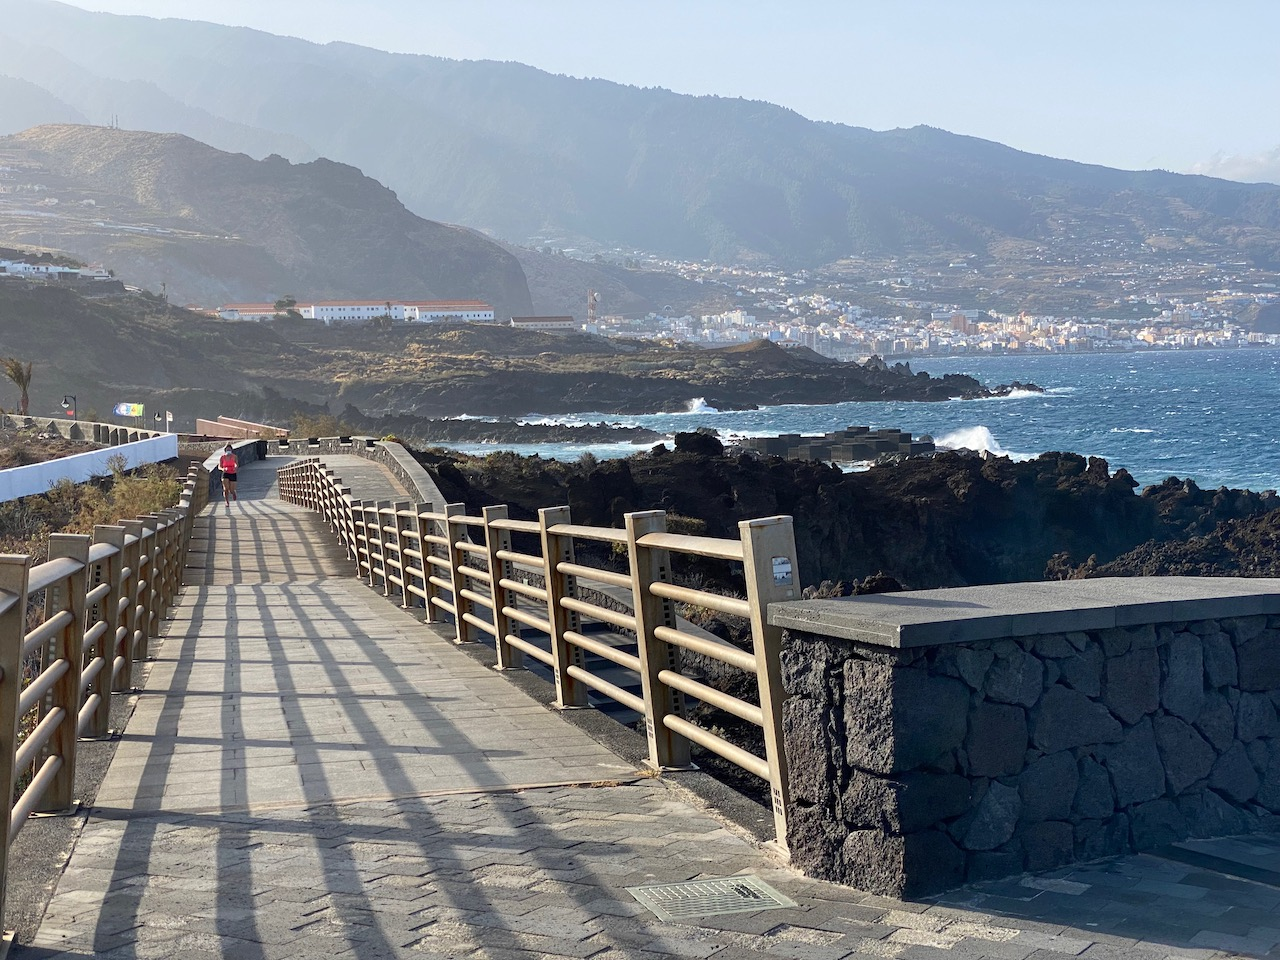 Paseo del litoral